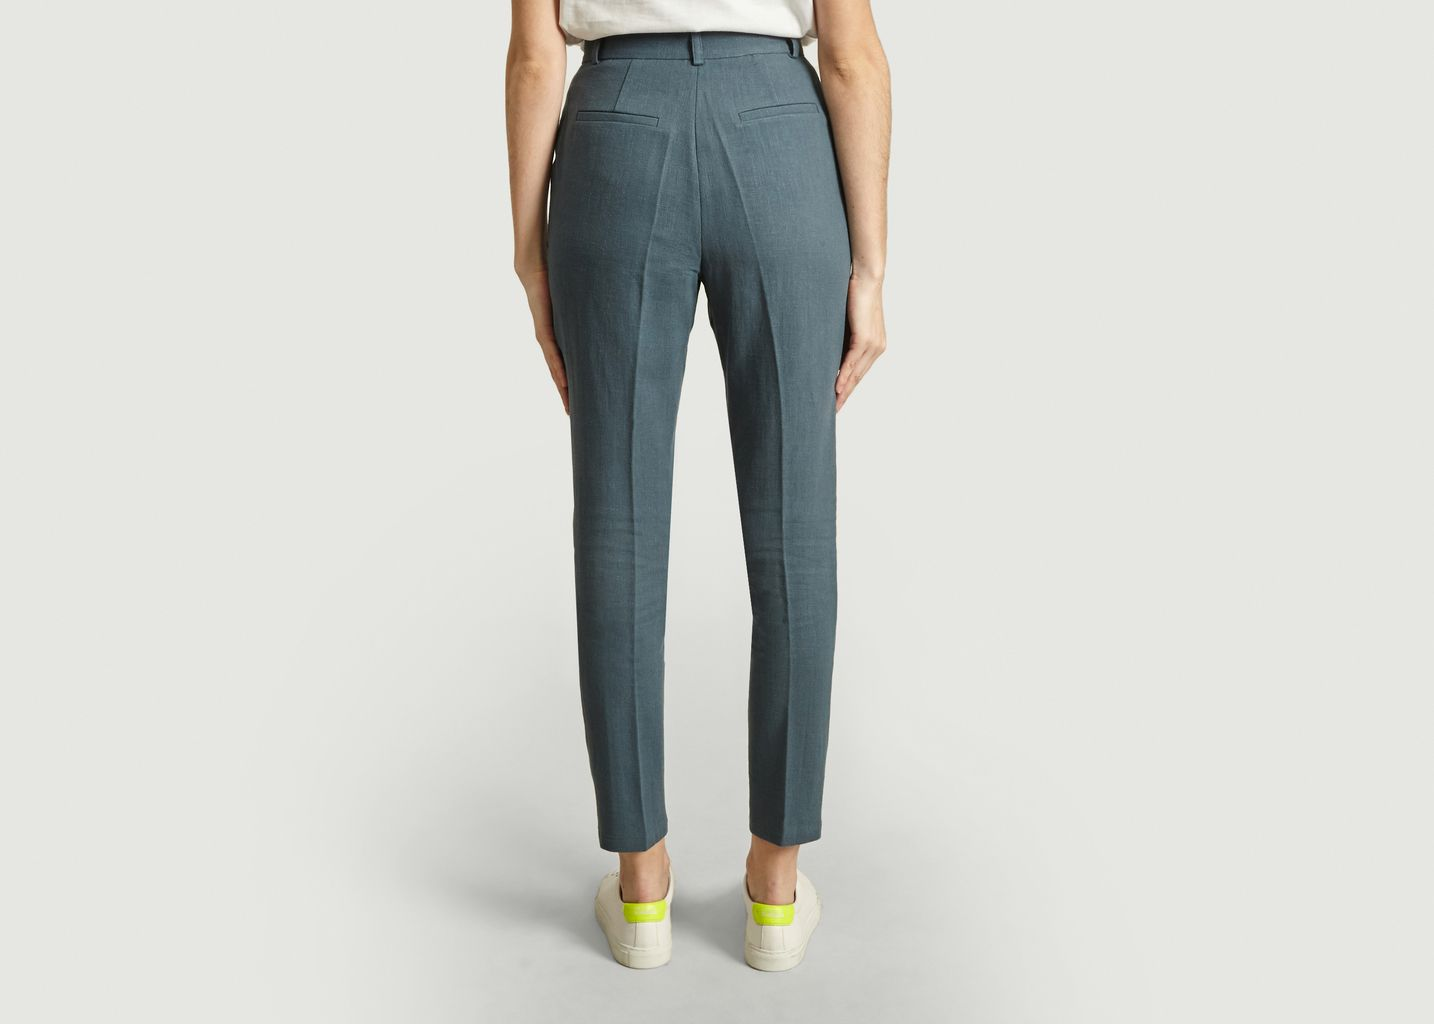 Pantalon de tailleur Rosa - Admise Paris